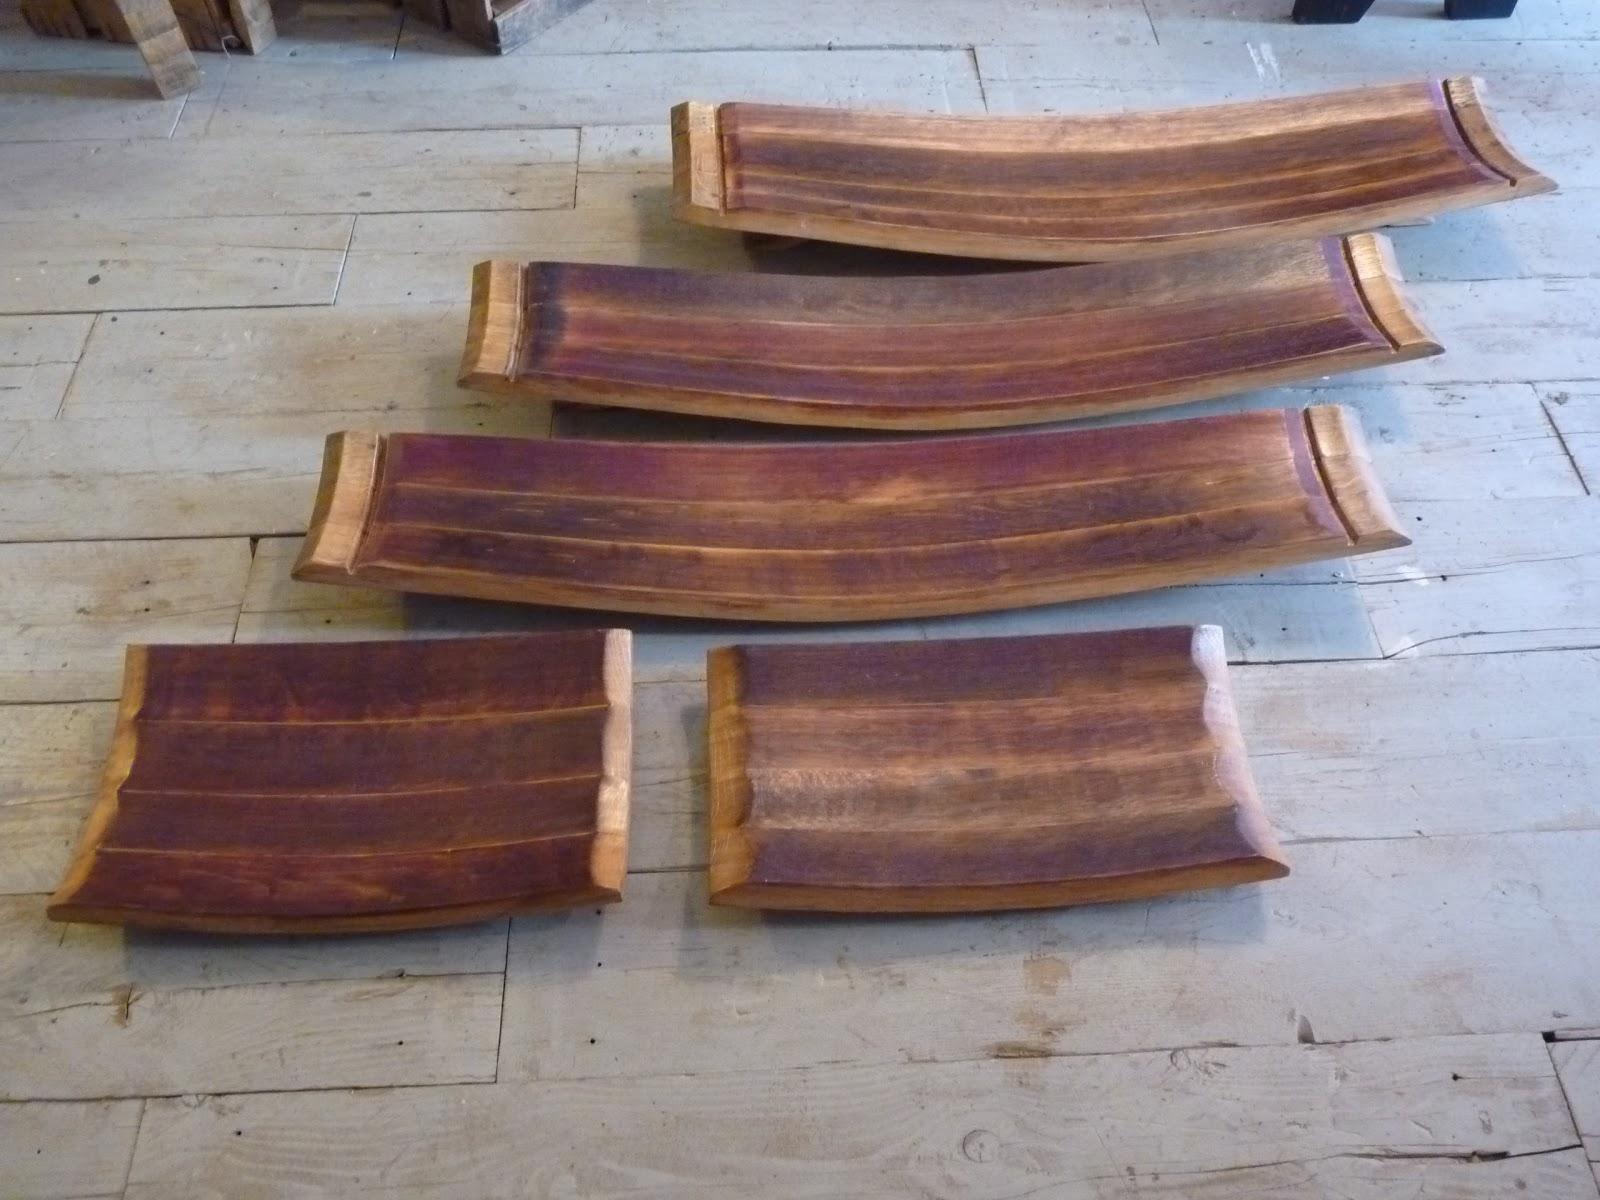 le re acteur nouvelle s rie de plateaux douelles de barrique new series of plates barrel. Black Bedroom Furniture Sets. Home Design Ideas